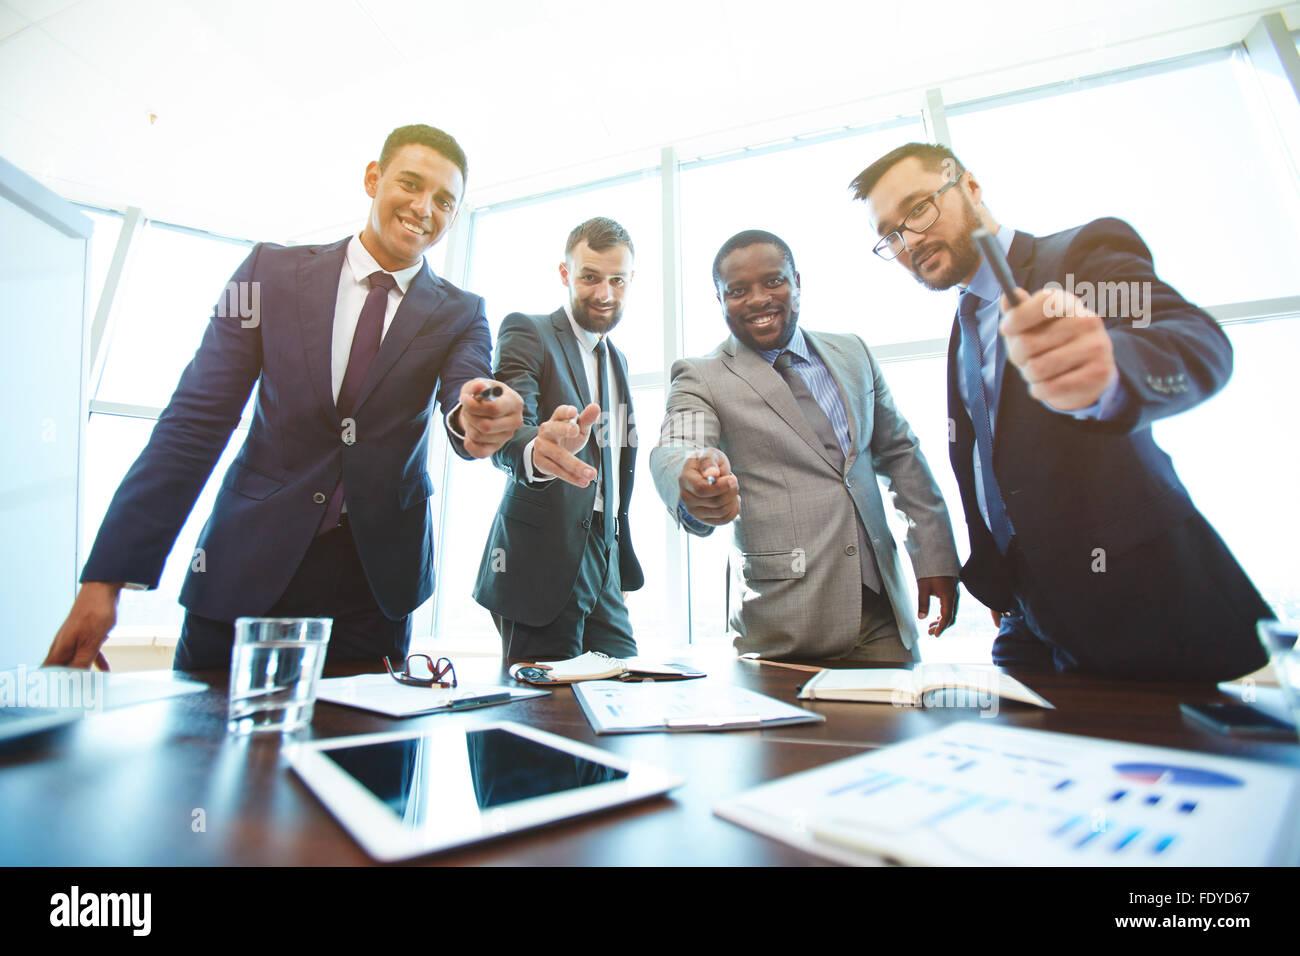 Eleganti uomini d'affari offrendo penne a firmare il contratto Immagini Stock